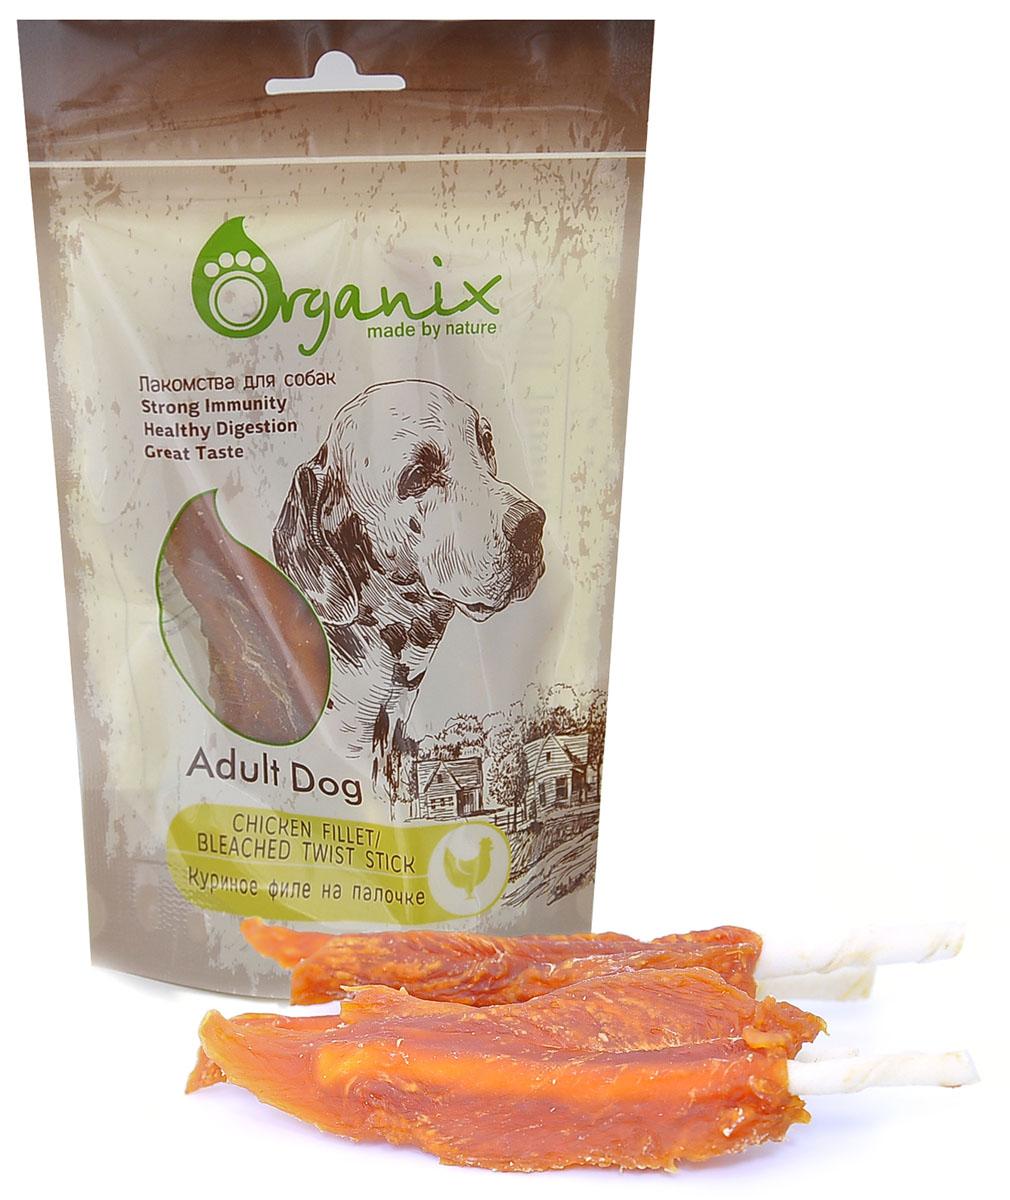 Лакомство для собак Куриное филе на палочке (Chicken fillet/ bleached twist stick)100 гр19279Состав: куриное филе, глицерин, сыромятная кожа. Пищевая ценность: белки 65%, жиры 1%, клетчатка 2%, зола 4%, влажность 20%.